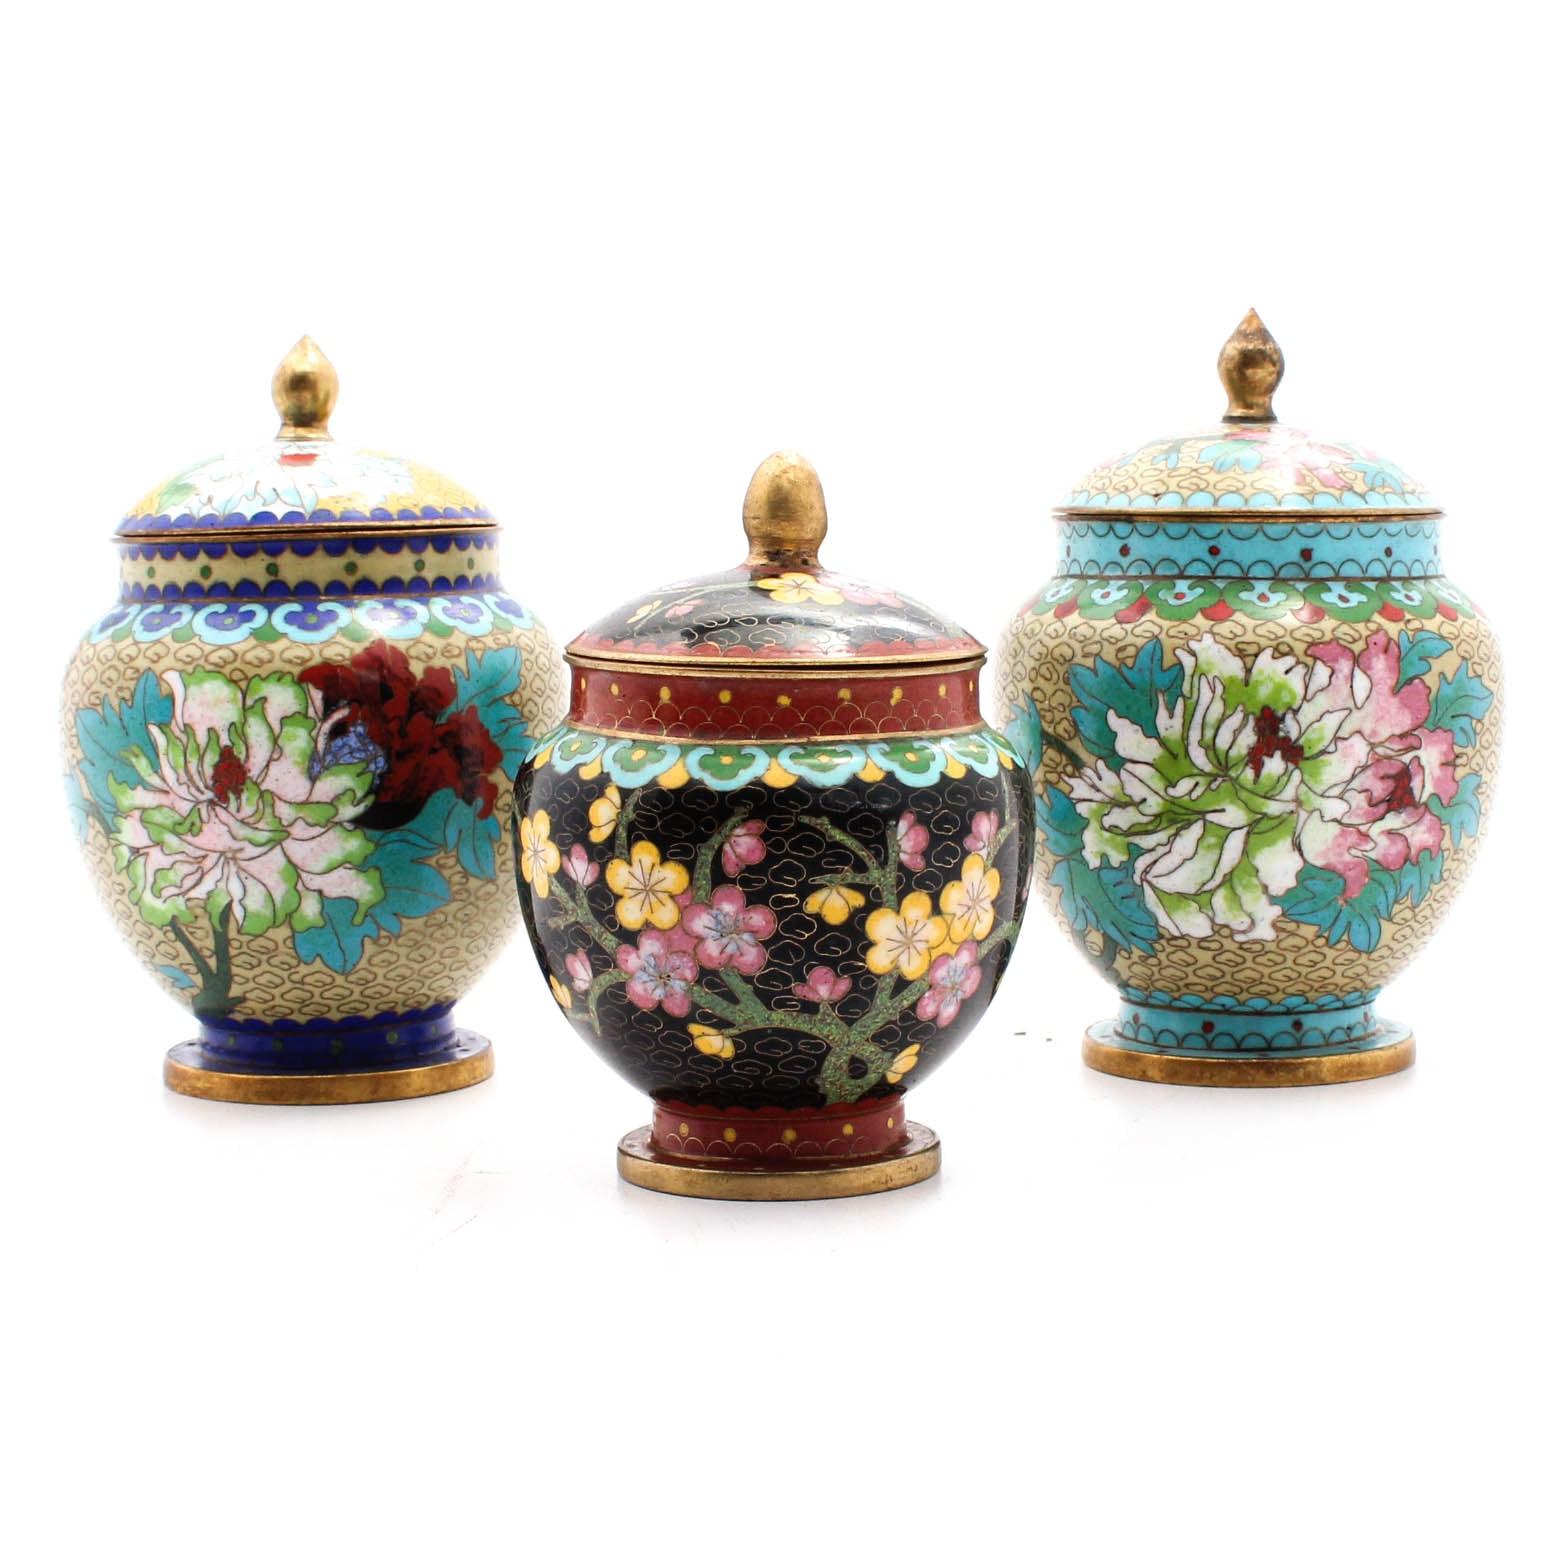 Chinese Cloisonné Decorative Jars